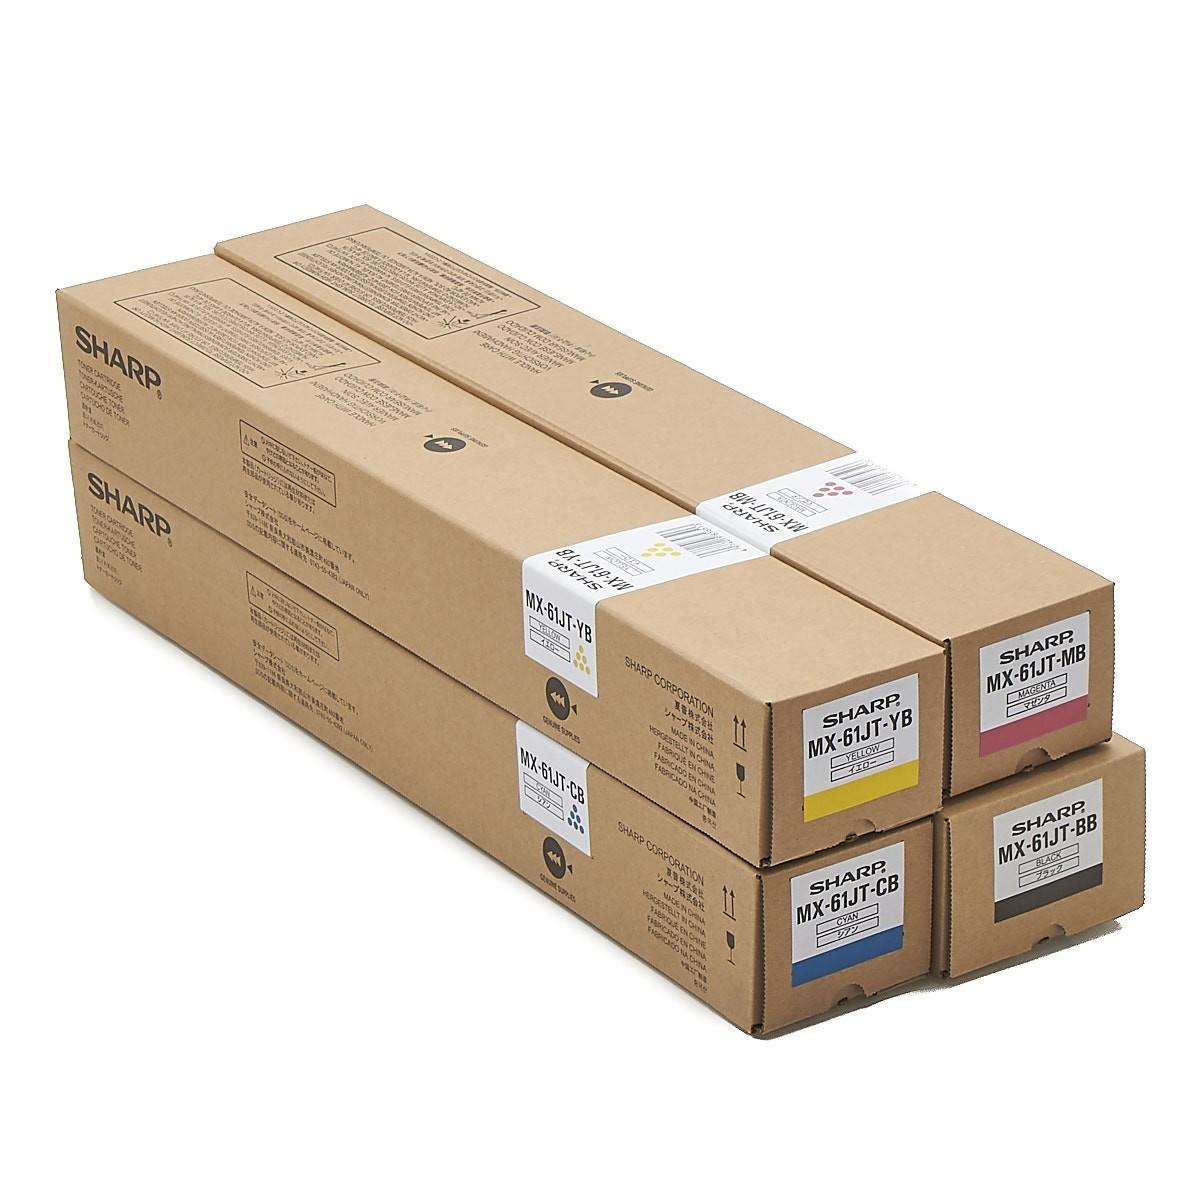 純正トナー 送料無料 一年保証付 メーカー純正 SHARP MX-61JT-BB MX-61JT-CB MX-61JT-MB 小容量 MX-61JT-YB 純正 本日限定 トナーカートリッジ アウトレット 4色セット